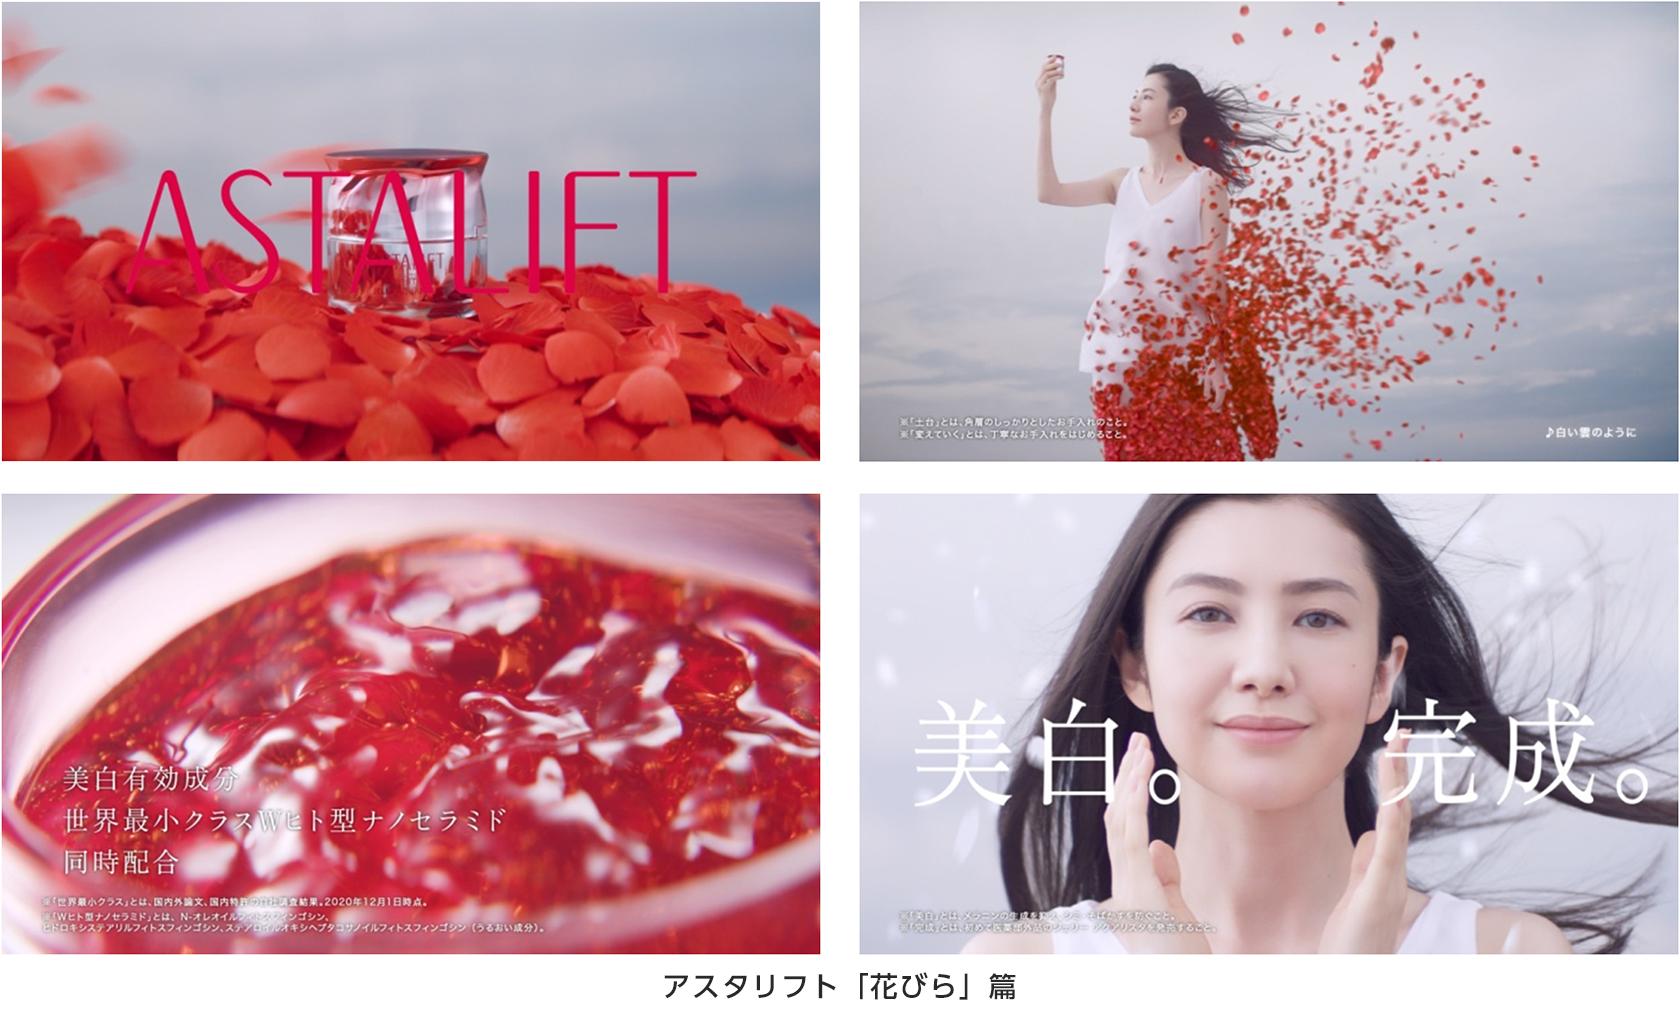 [画像]アスタリフト「花びら」篇